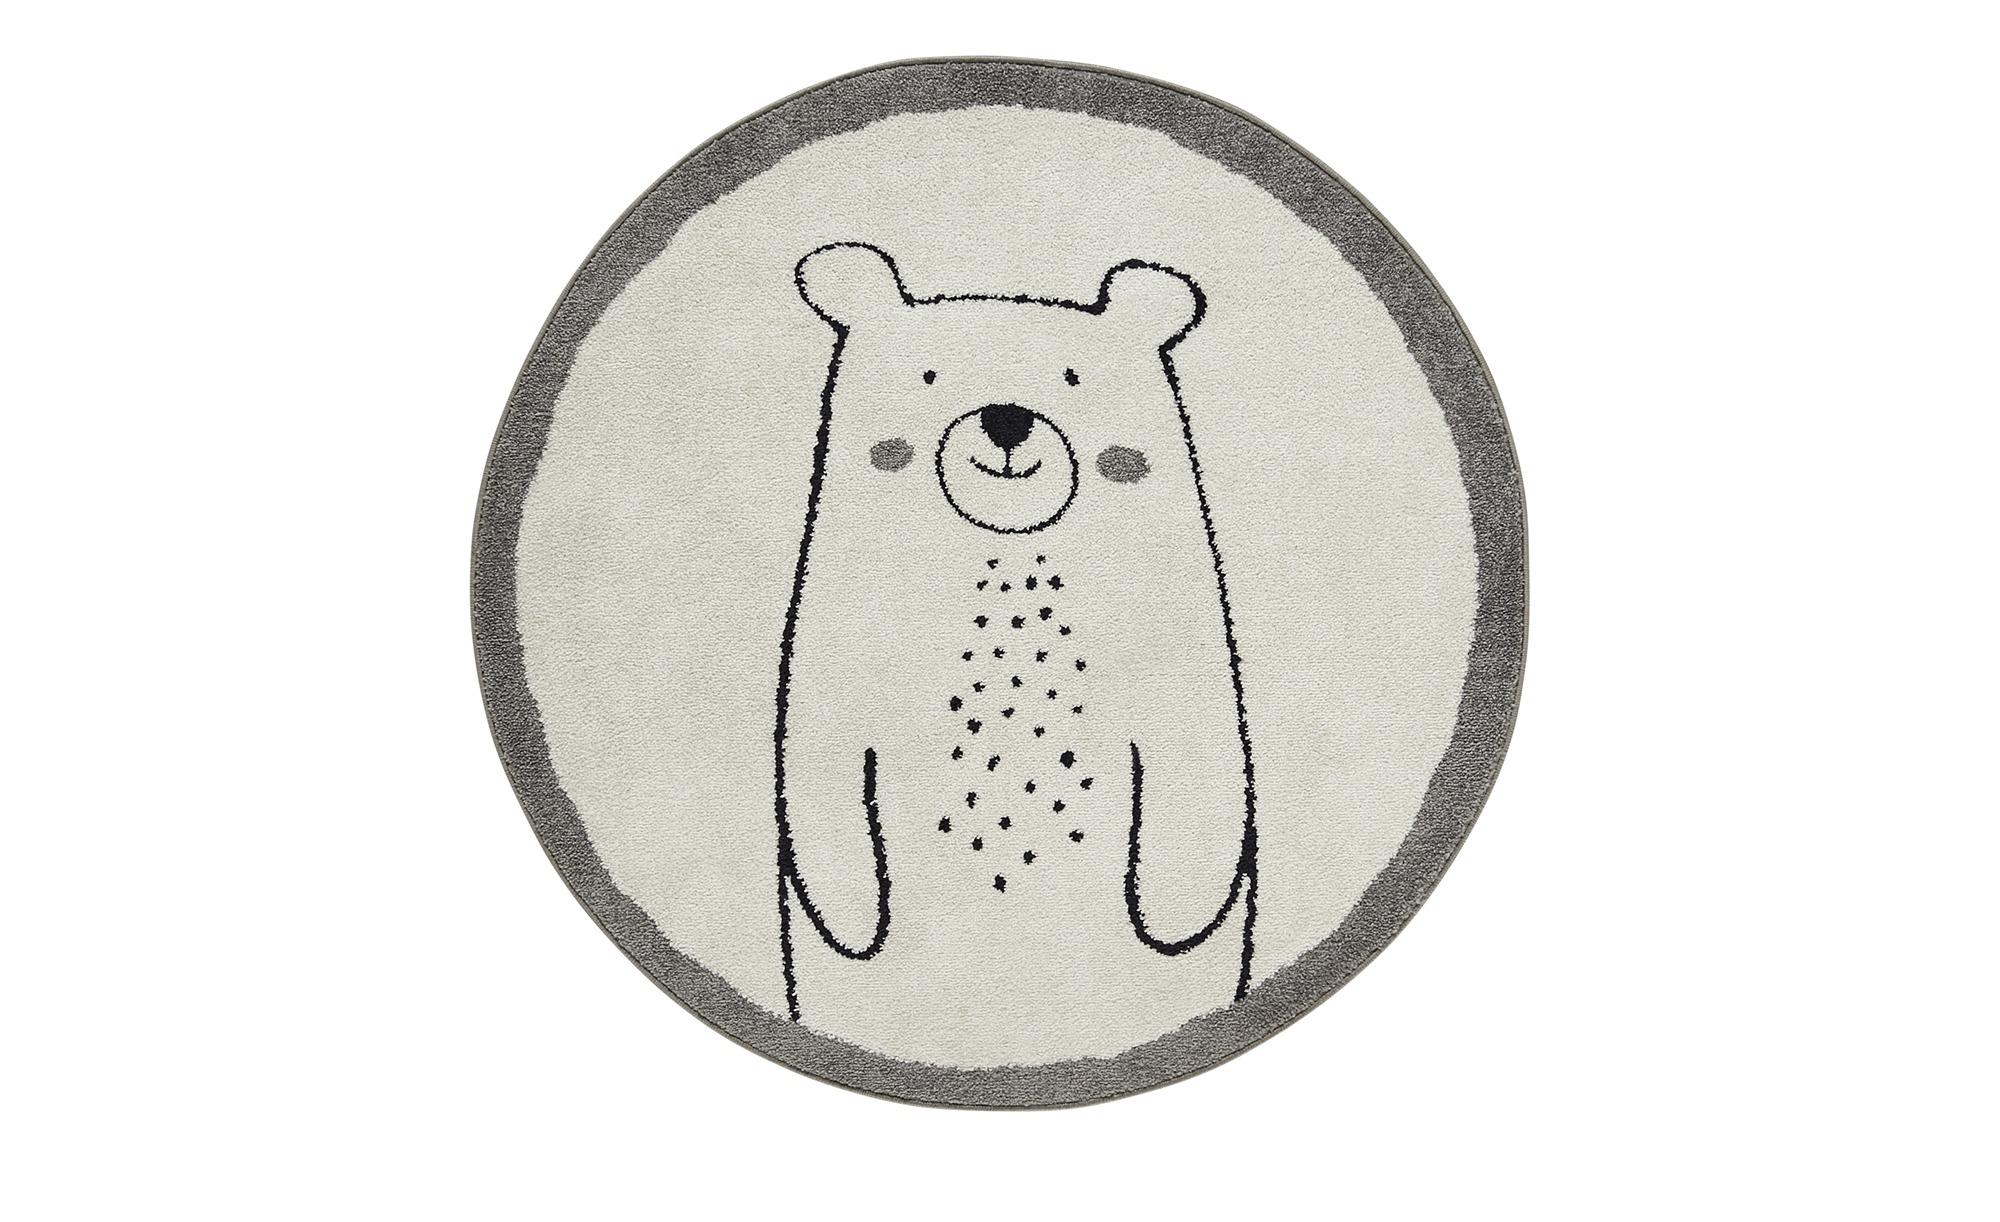 Kinderteppich   Eisbär Kalle ¦ weiß ¦ 100% Polypropylen, Synthethische FasernØ: [120.0] Teppiche > Kinderteppiche - Höffner